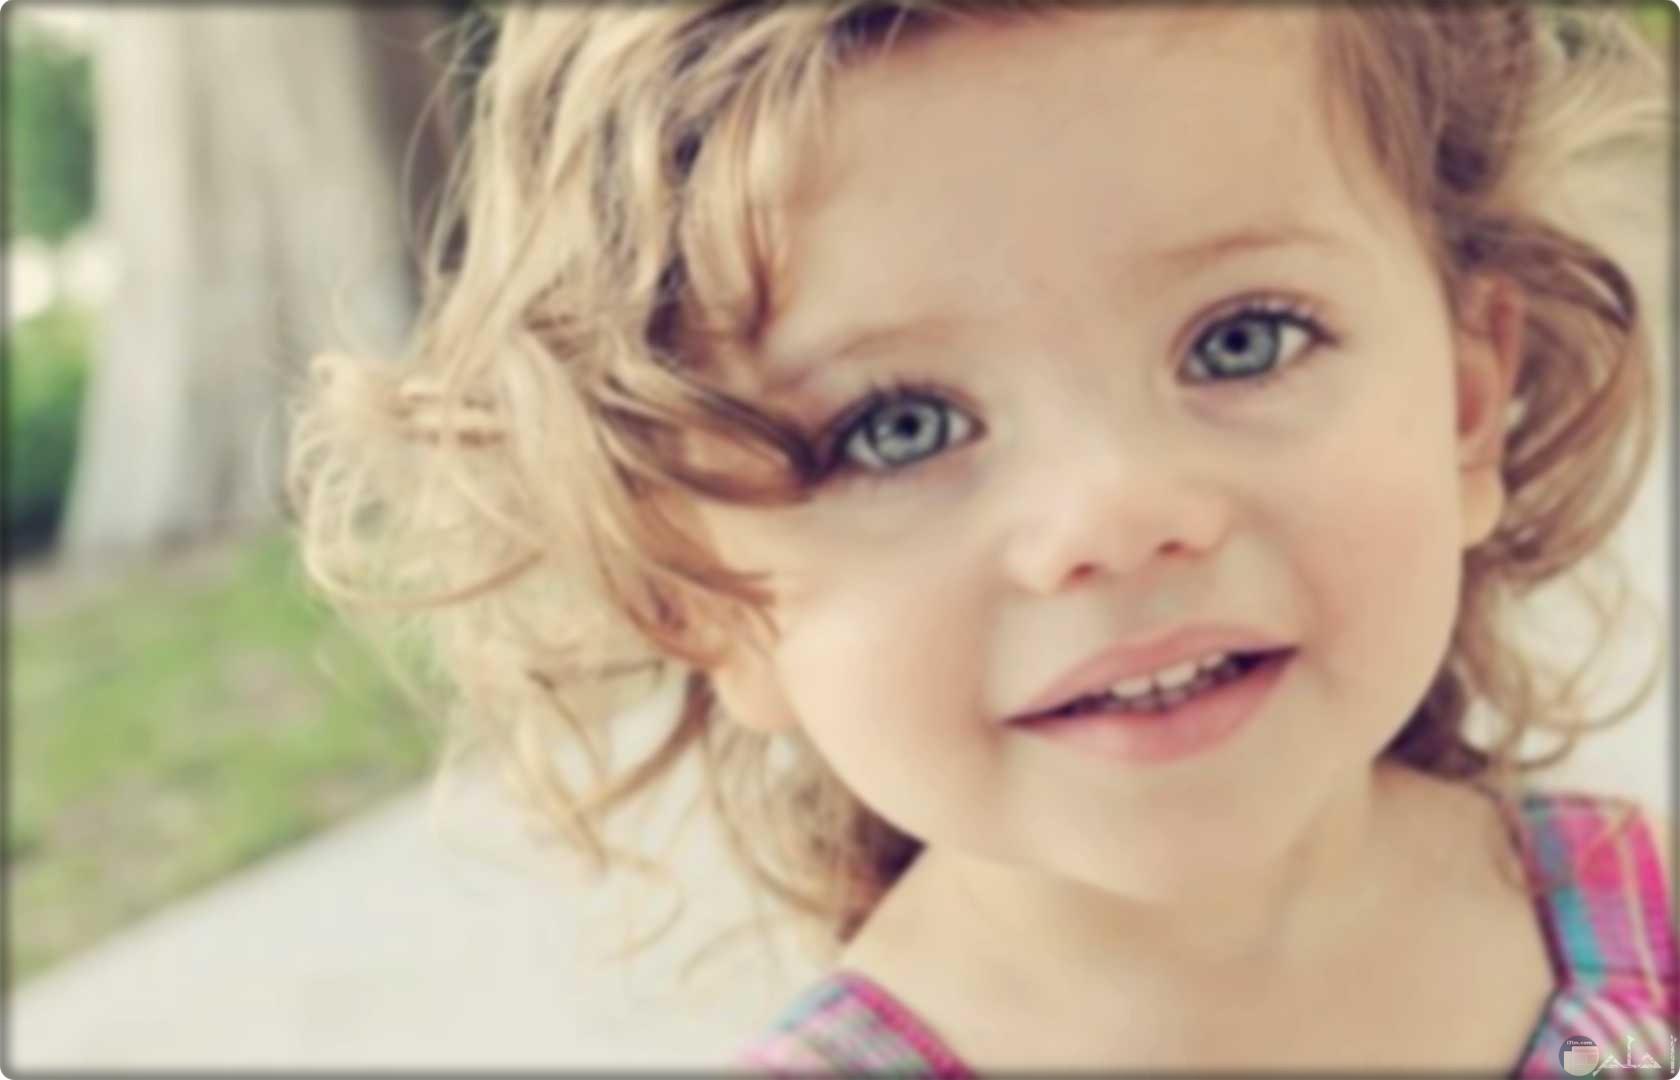 صورة بنت أجنبية جميلة جدا بعيون ملونة و شعر أشقر.